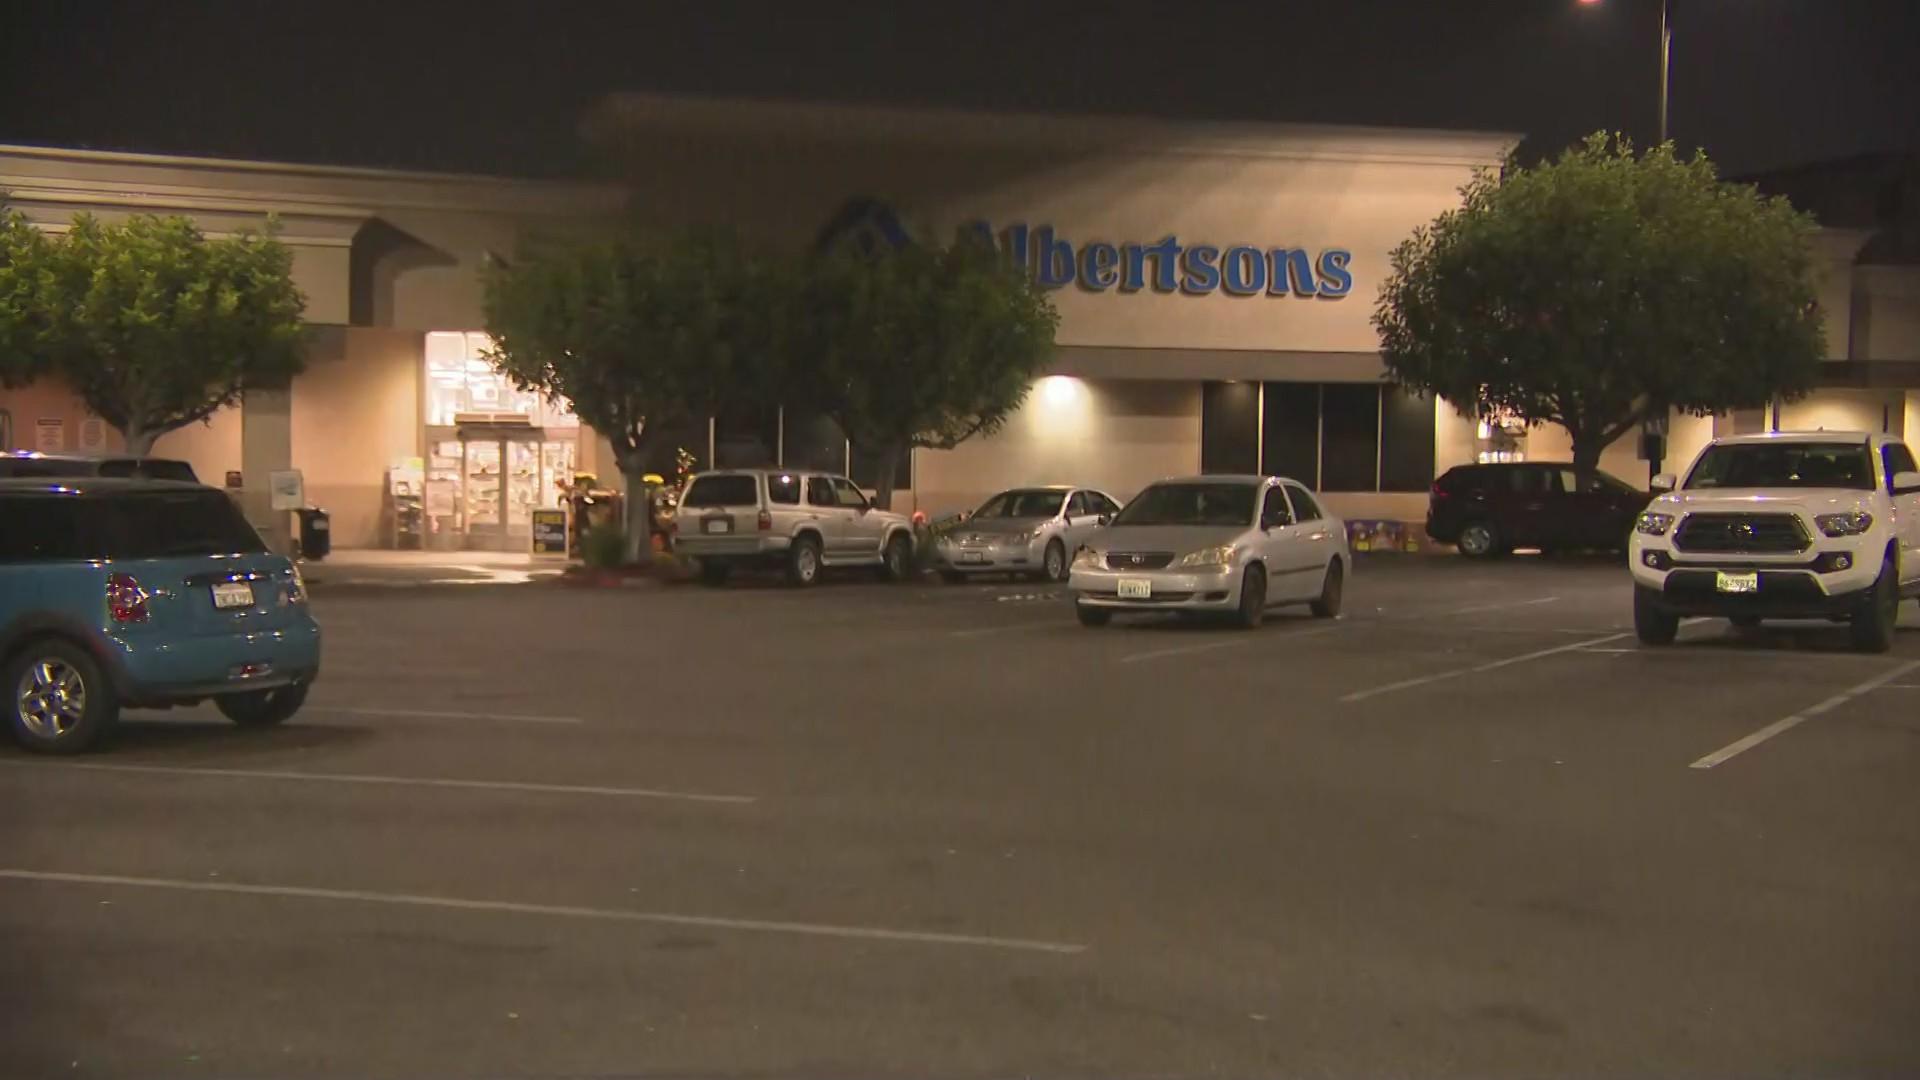 An Albertsons store is Los Feliz is seen in this file photo. (KTLA)